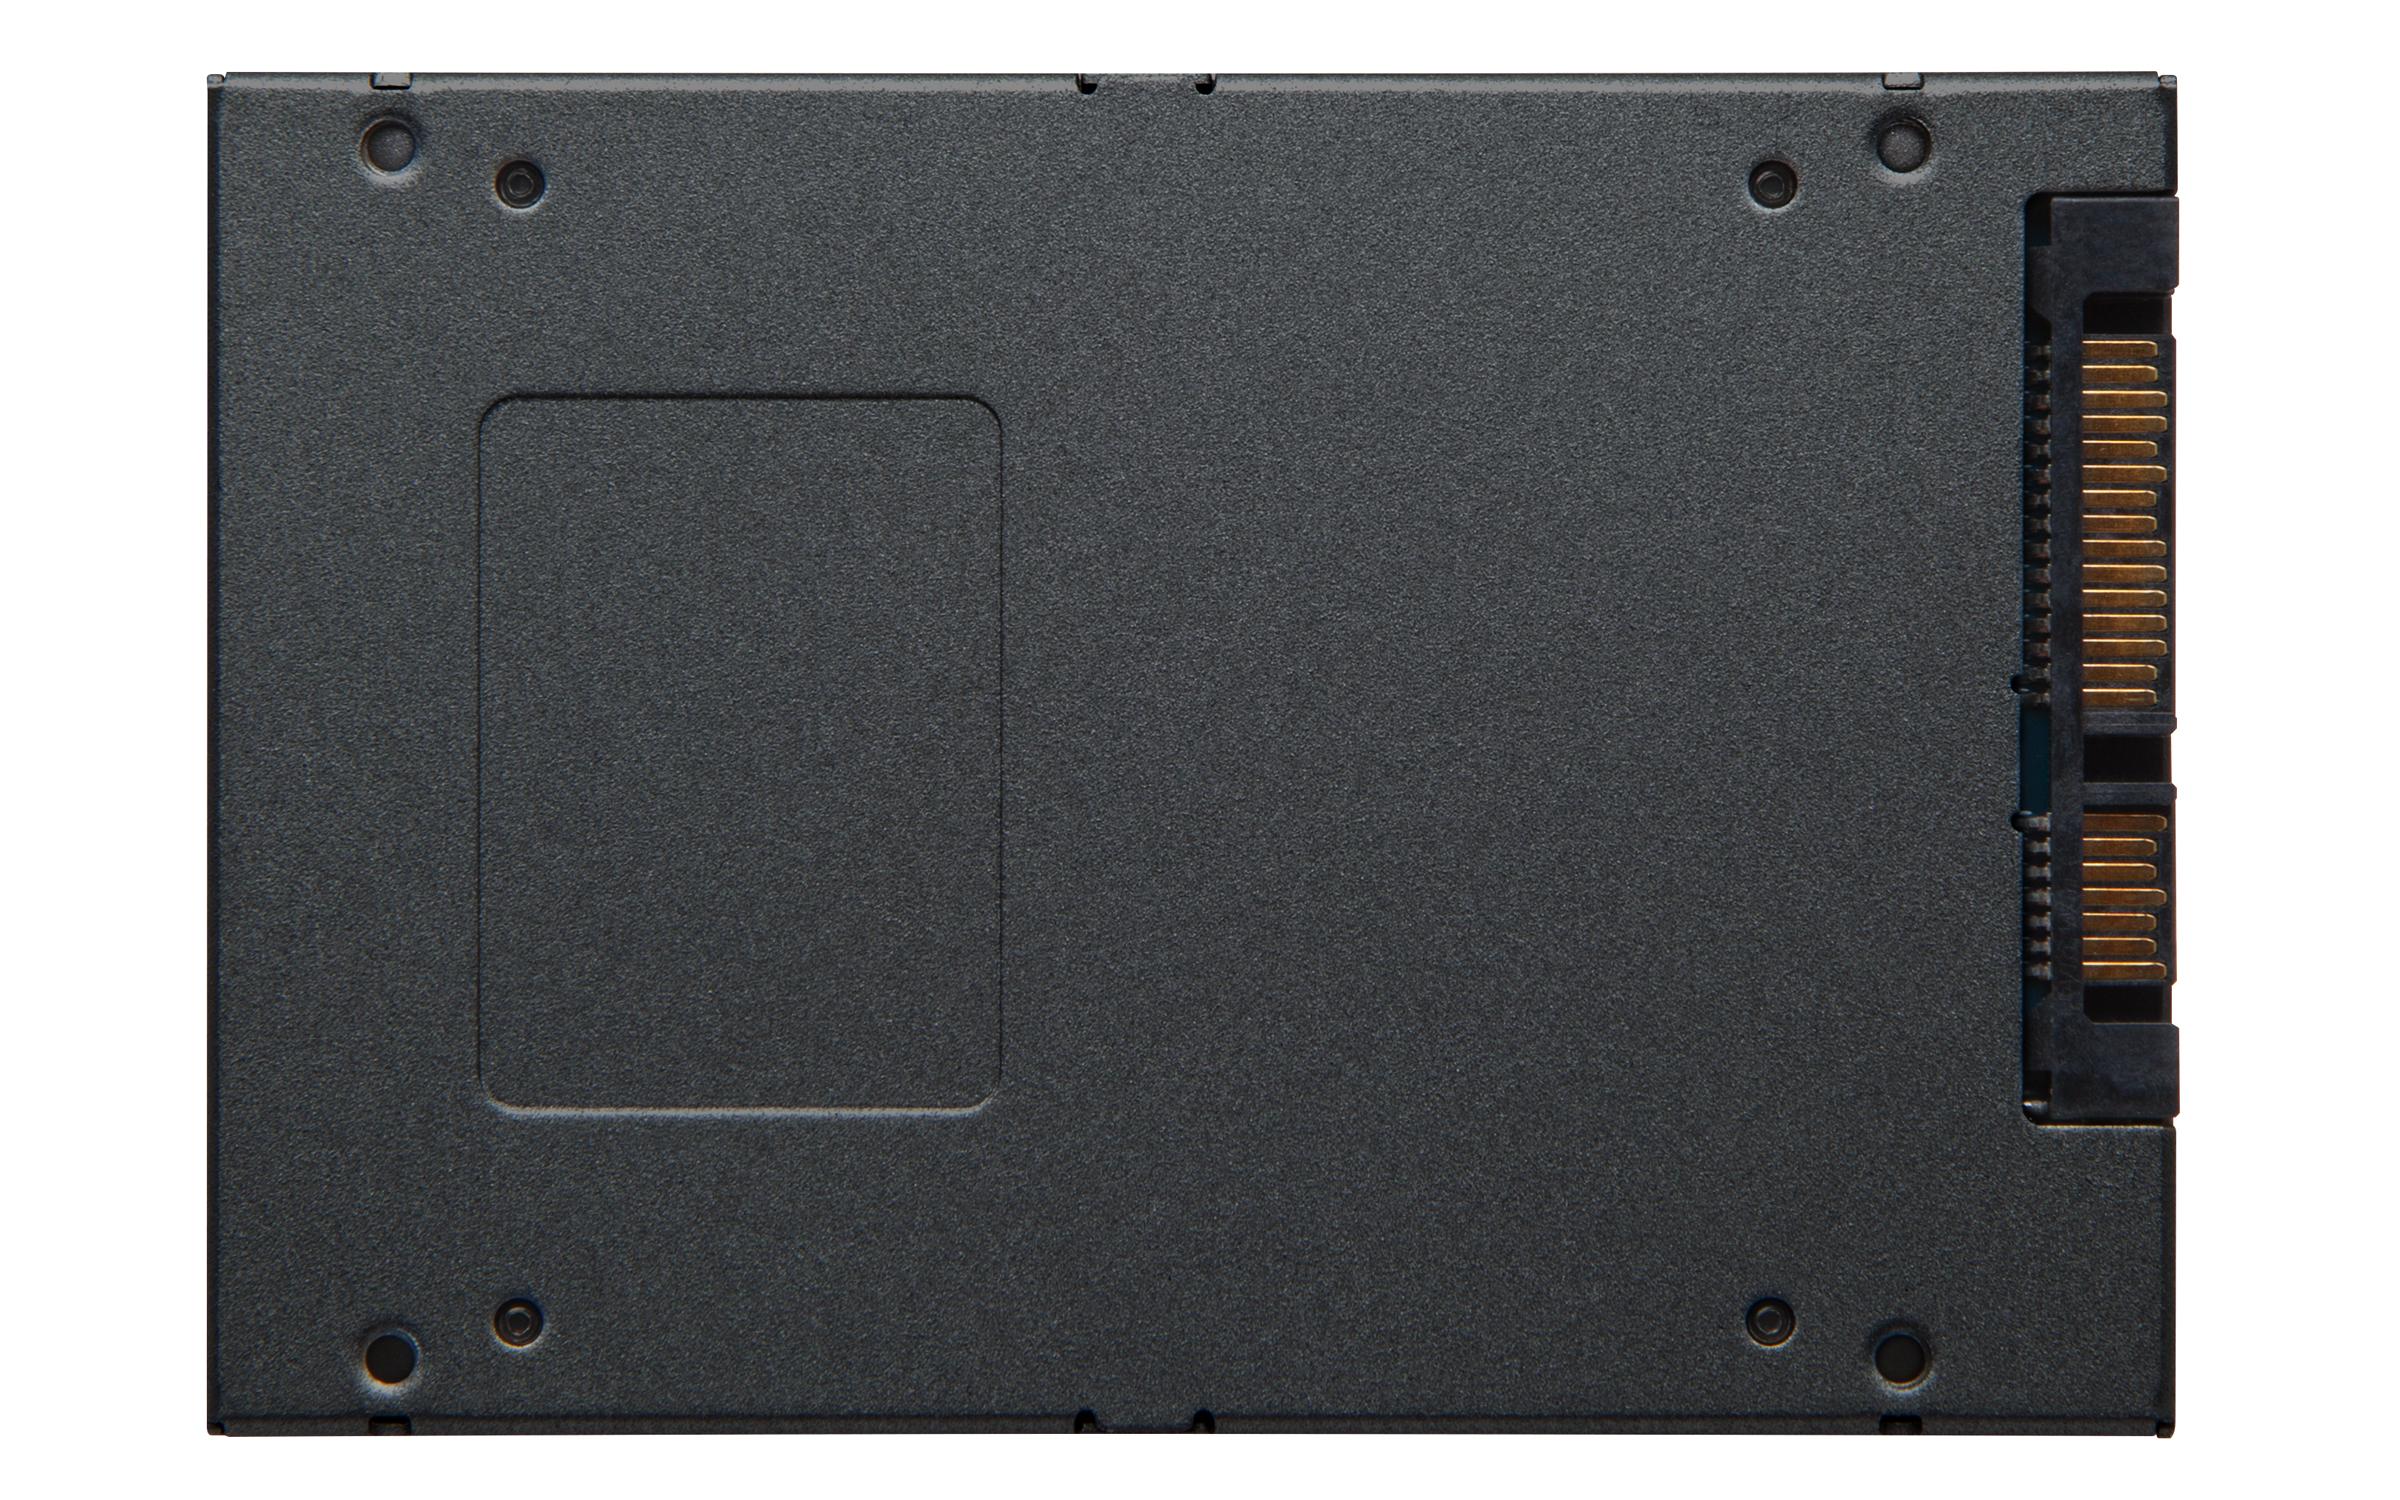 960 GB SA400S37/960G SSD (SATA 3)